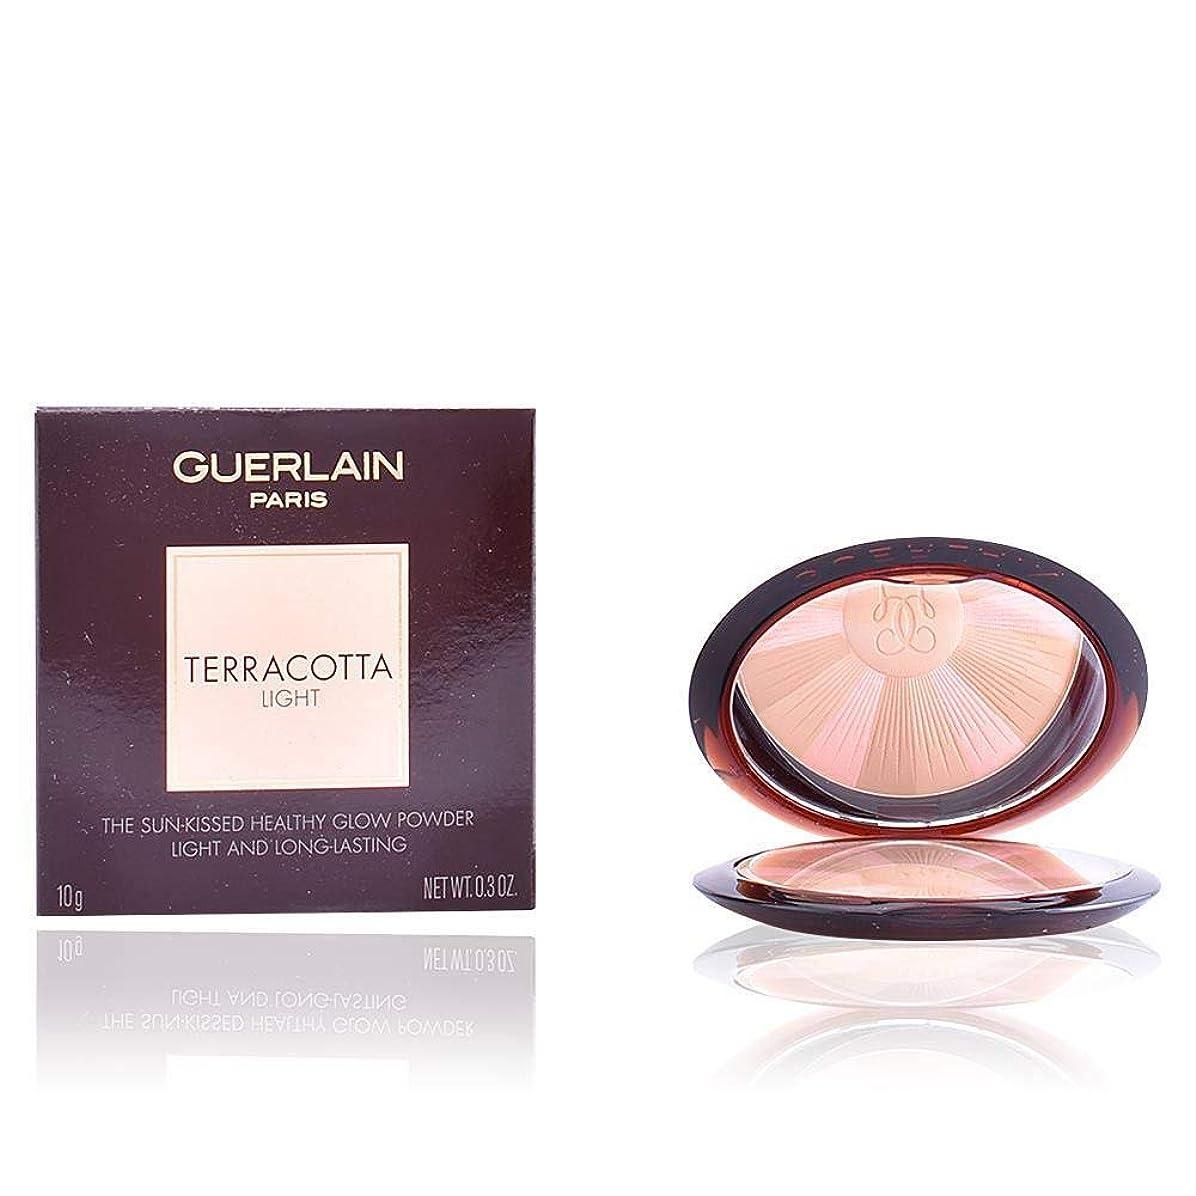 効果的謝罪する追い付くゲラン Terracotta Light The Sun Kissed Healthy Glow Powder - # 00 Light Cool 10g/0.3oz並行輸入品